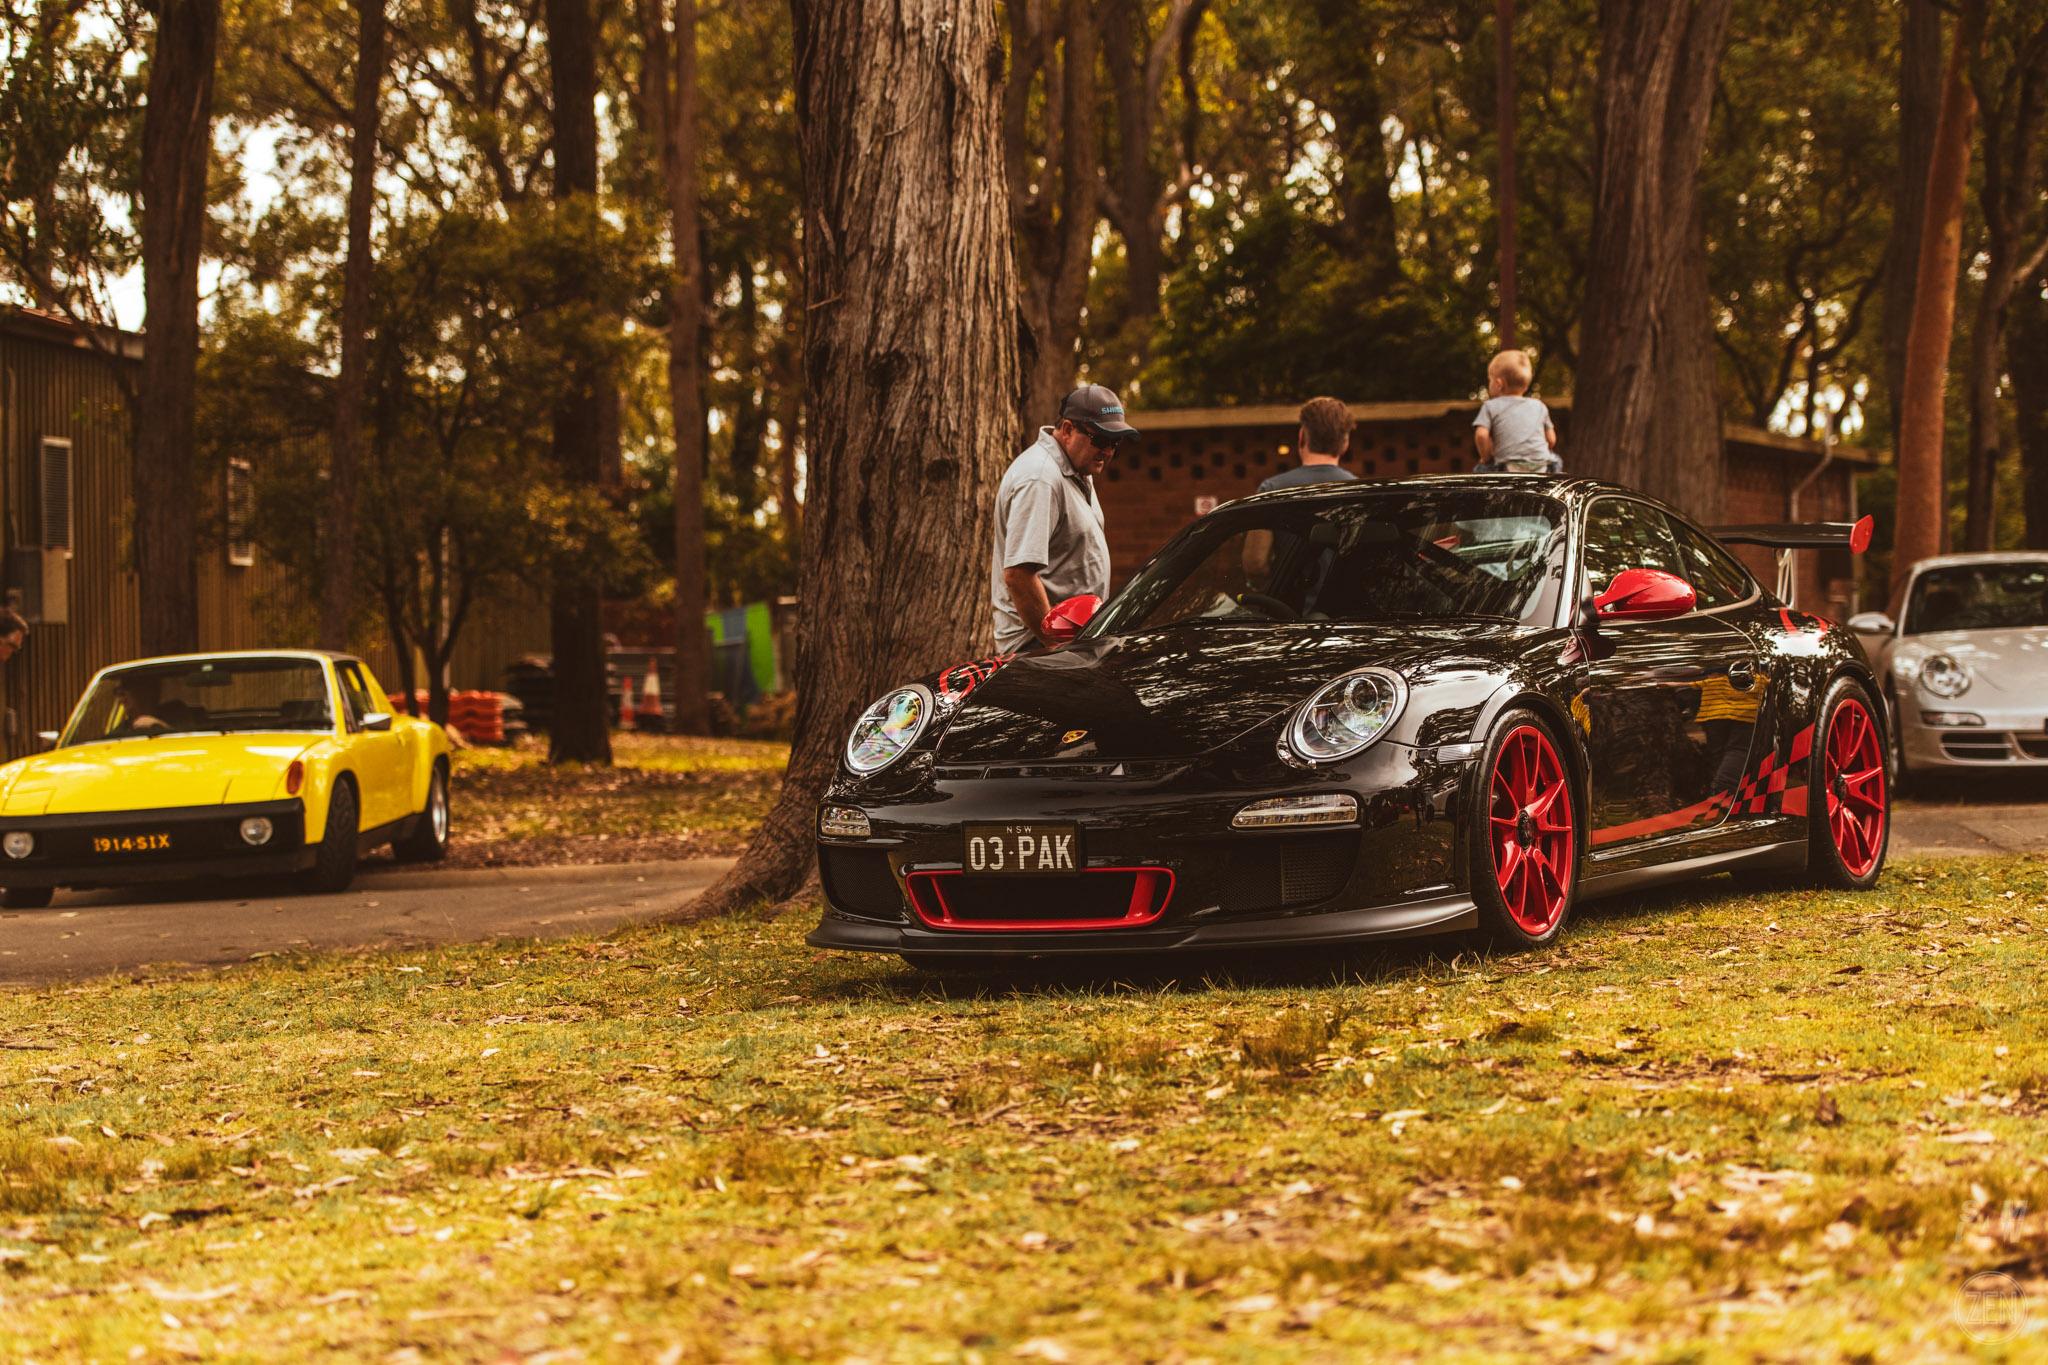 2019-12-08 - Porsches & Coffee 133